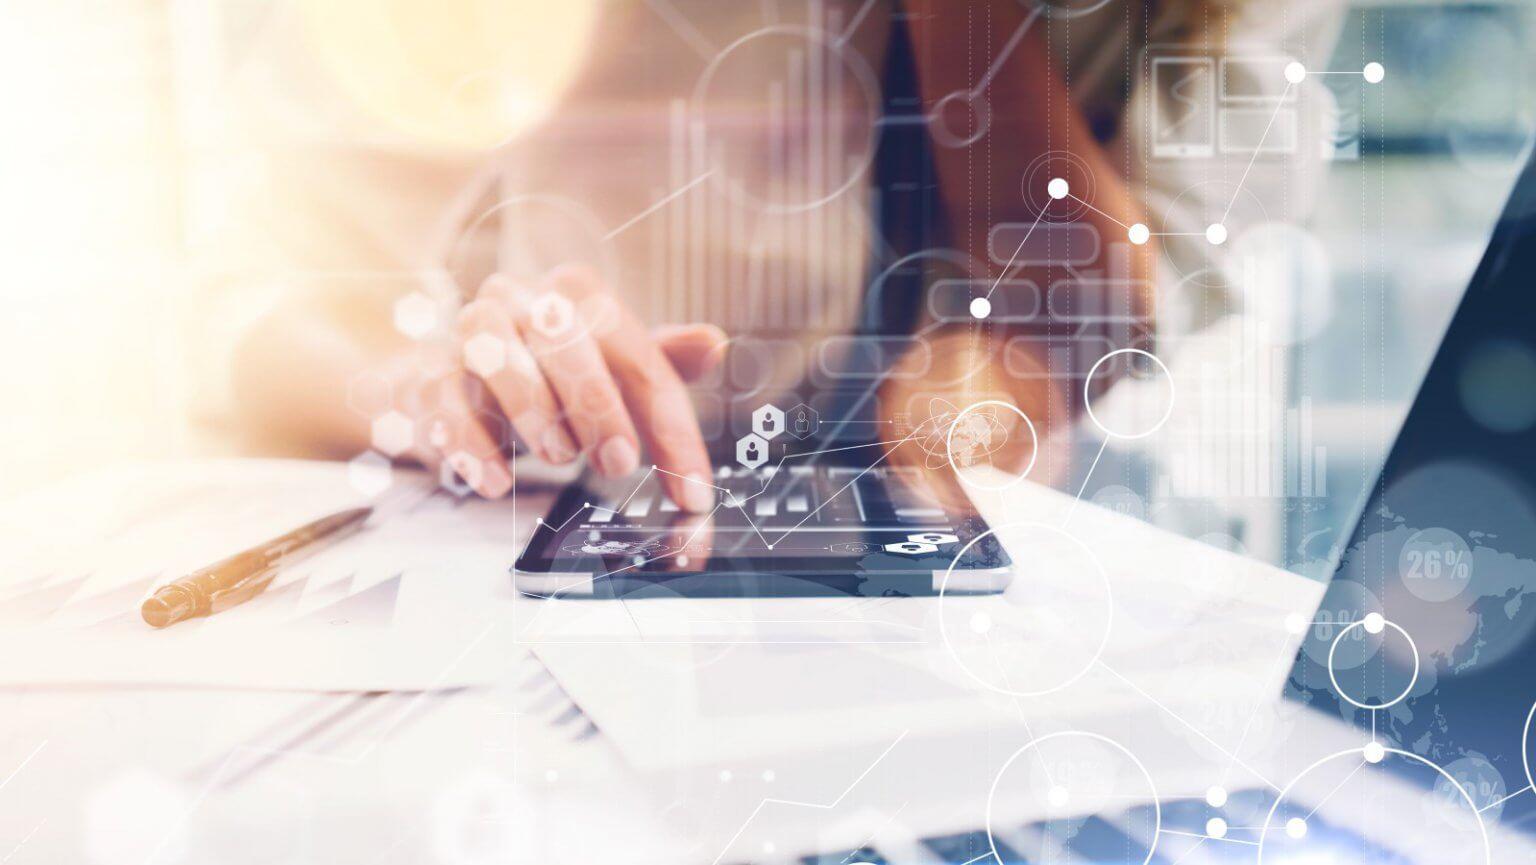 בניית אתרים לעסקים – איך עושים את זה נכון ?